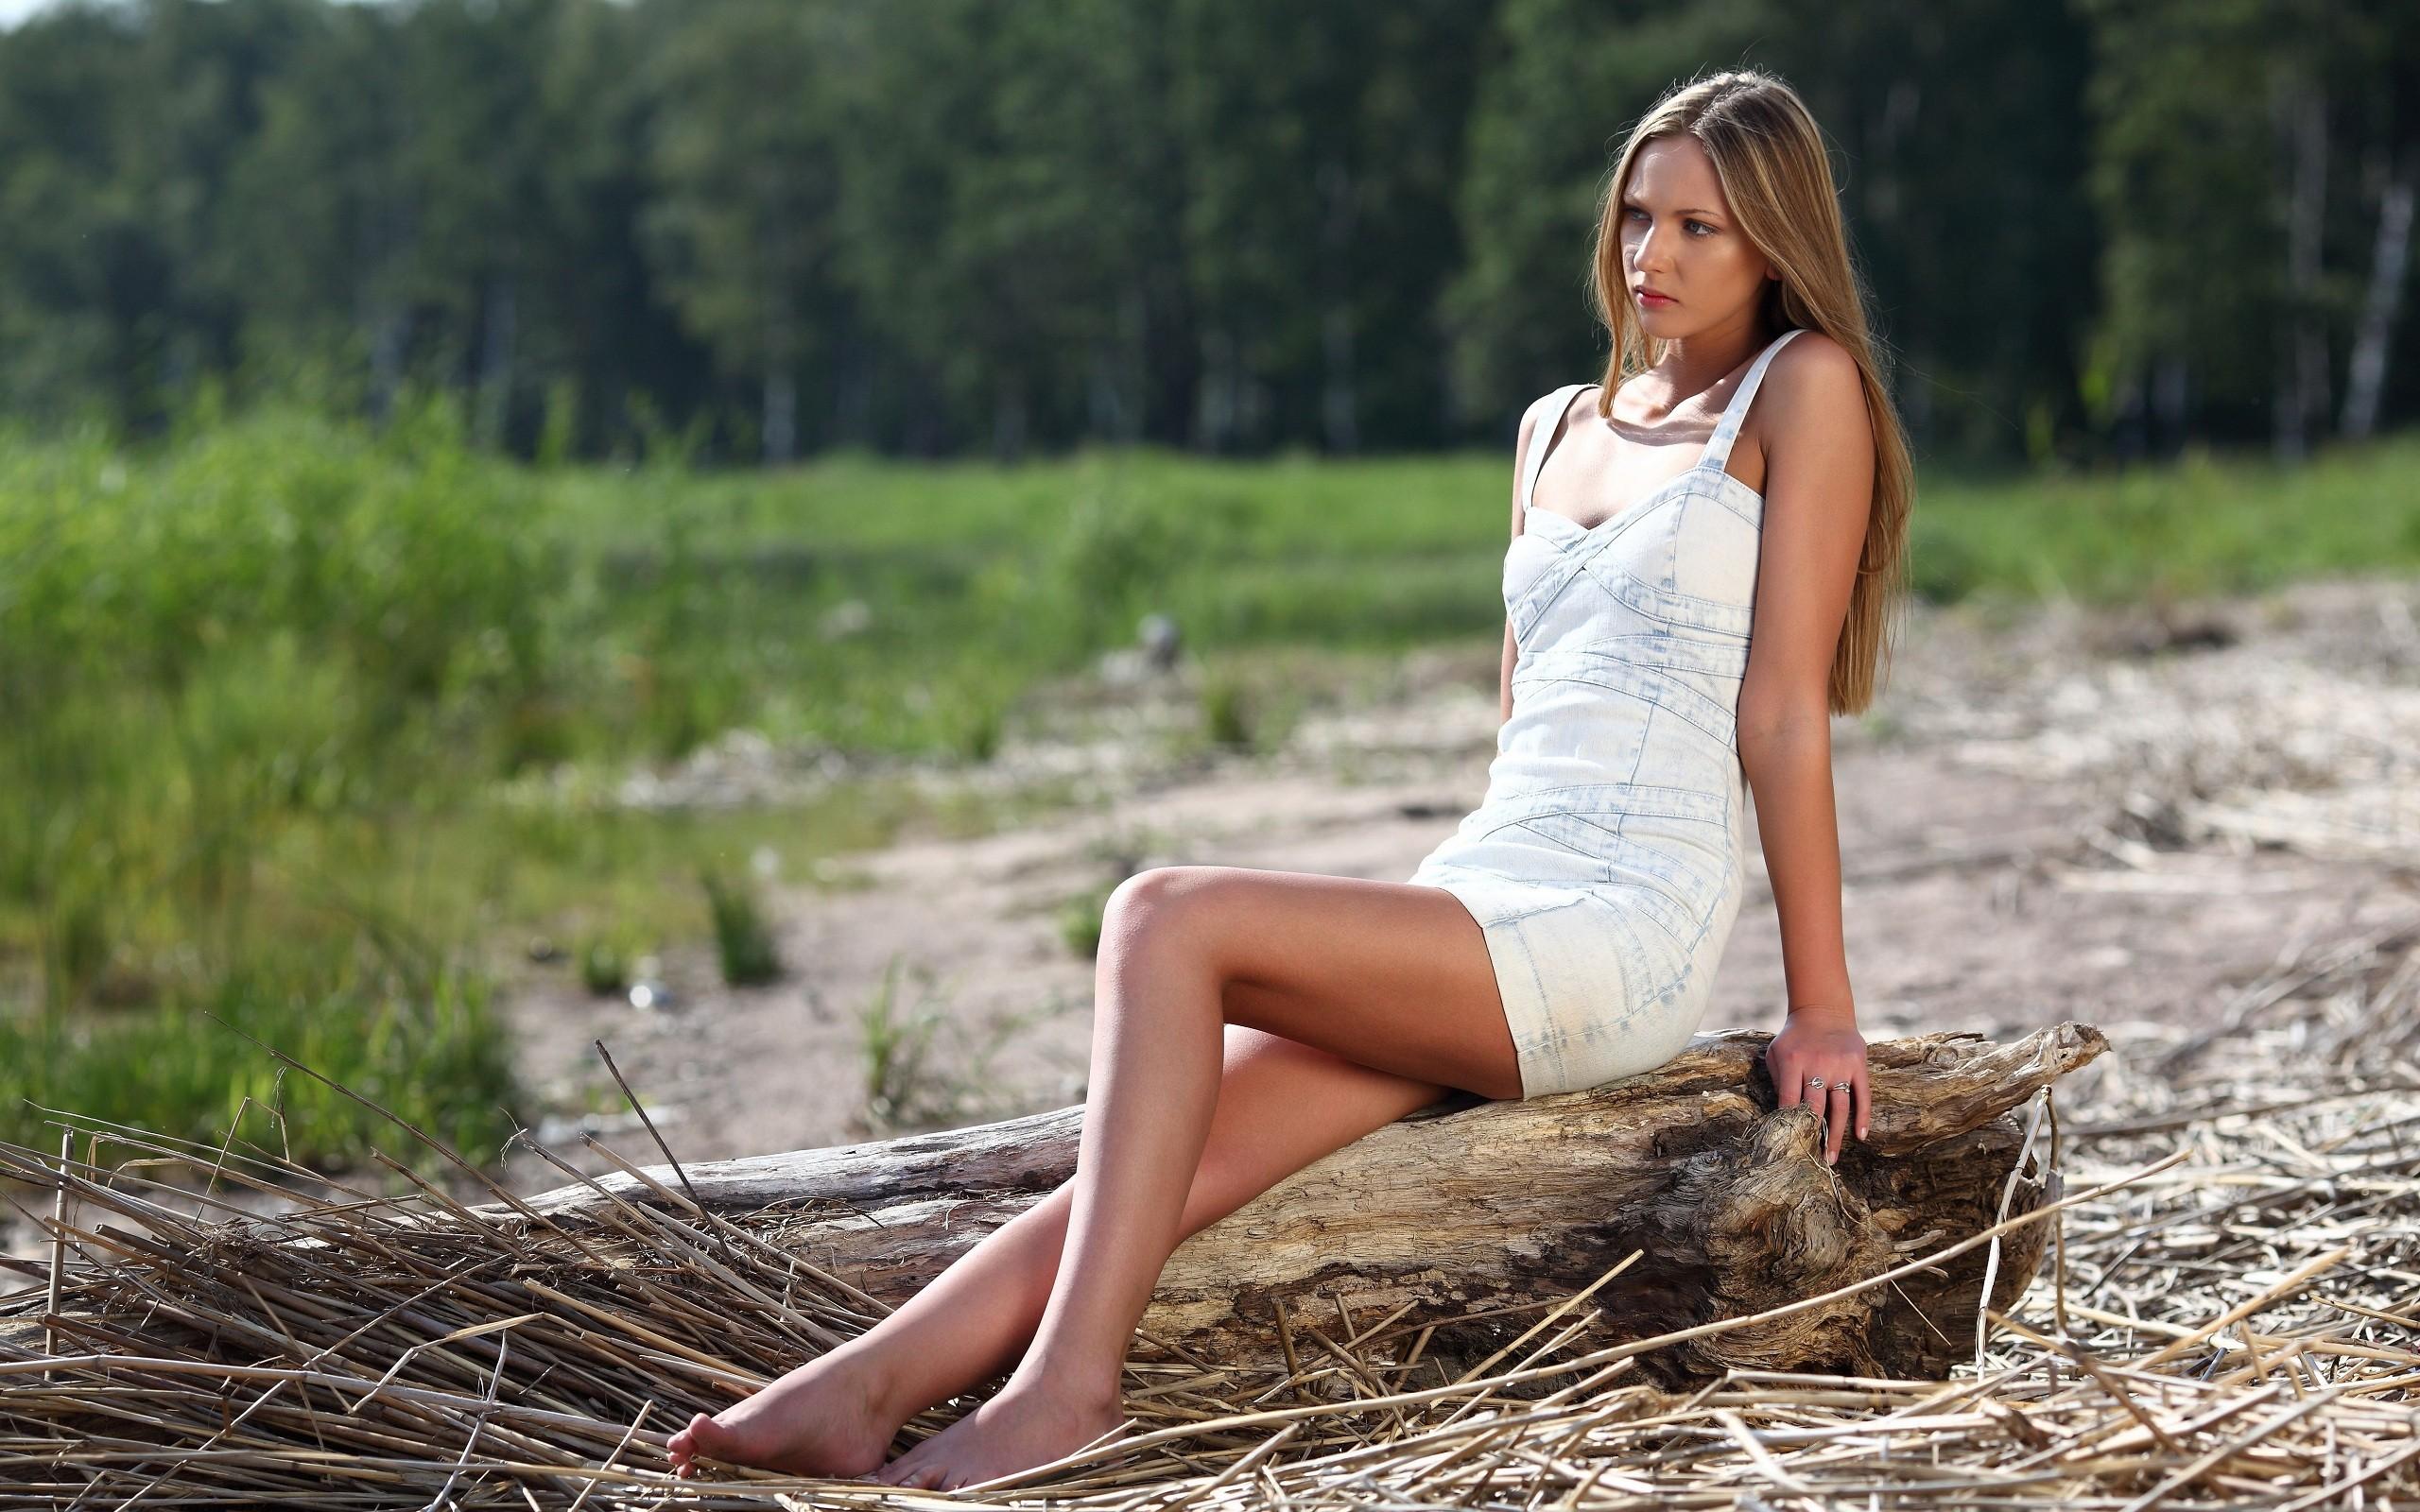 Яндекс голые девочки фото 10 фотография